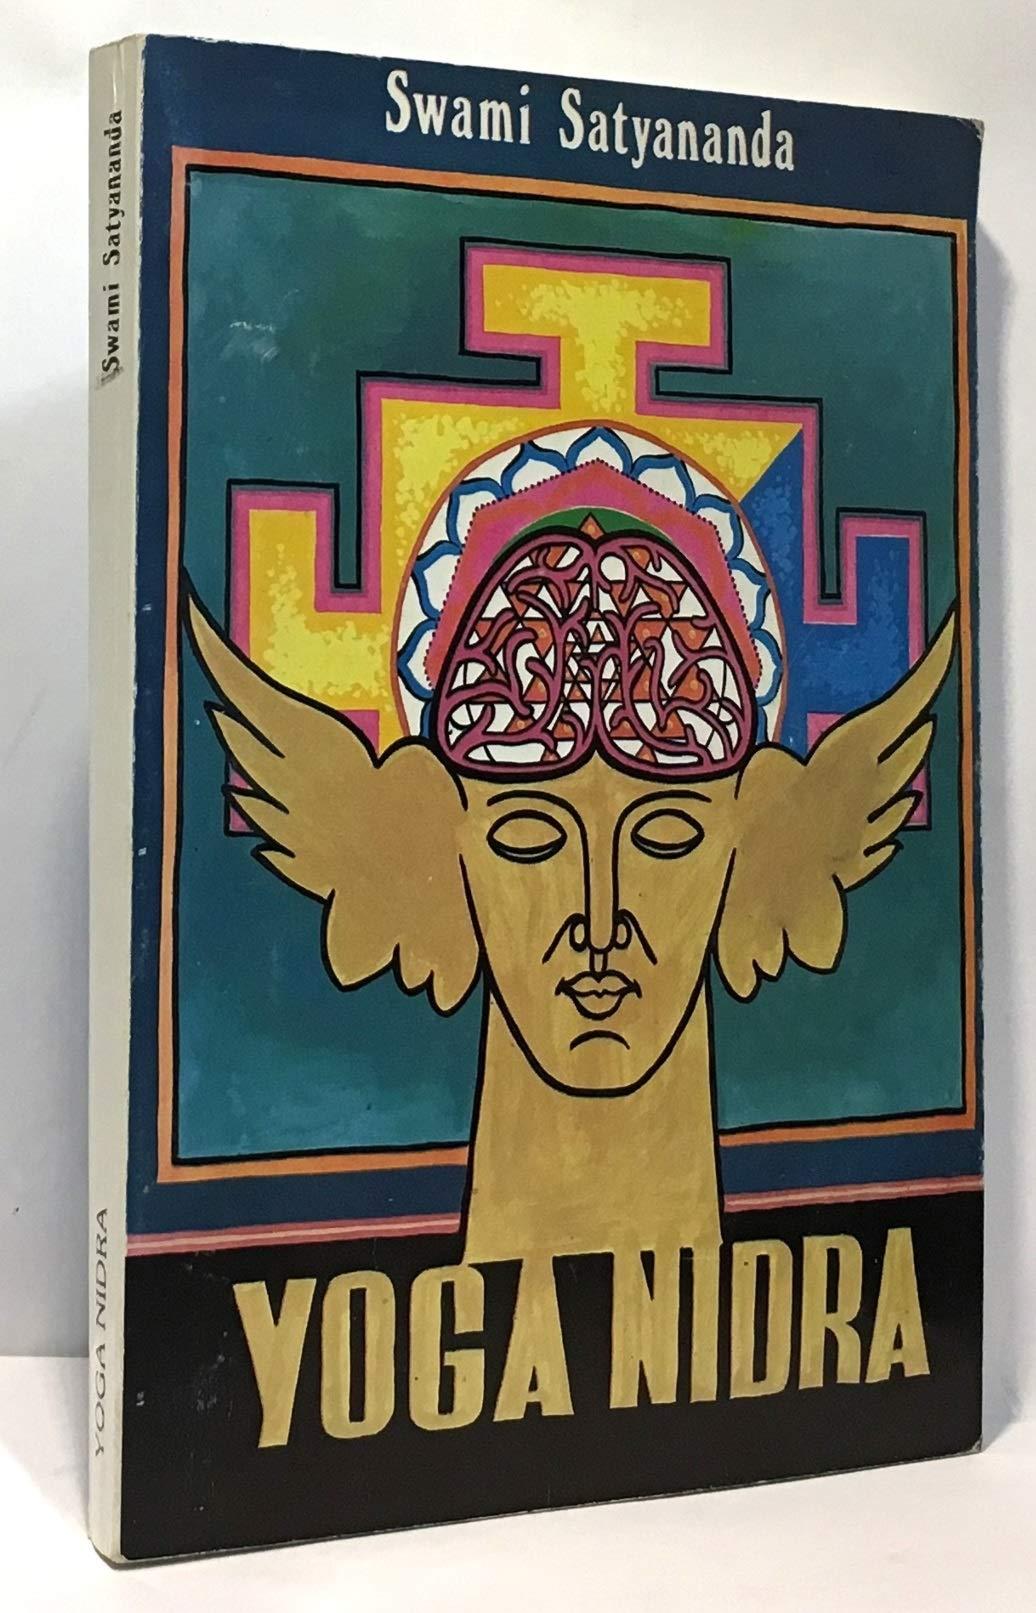 Yoga Nidra: Amazon.es: Swami Satyananda: Libros en idiomas ...